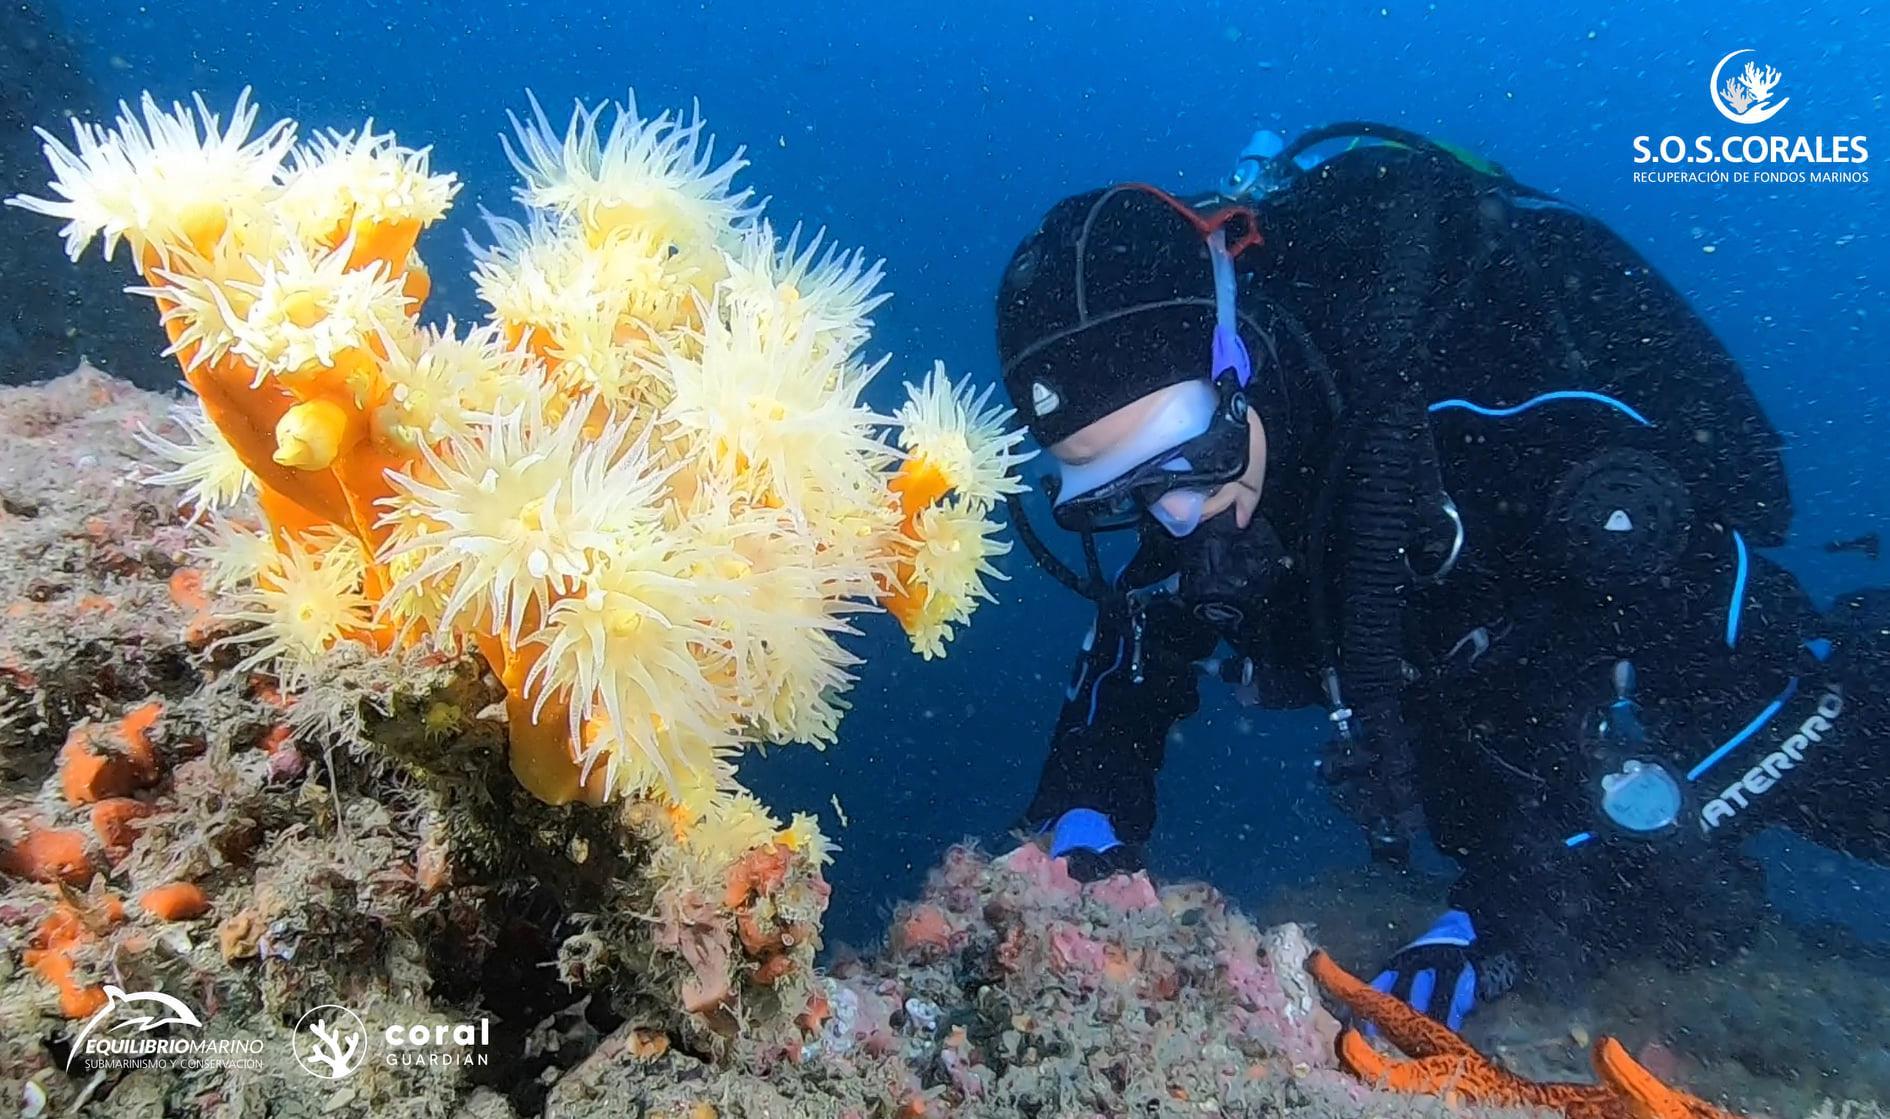 sos corales-equilibrio marino